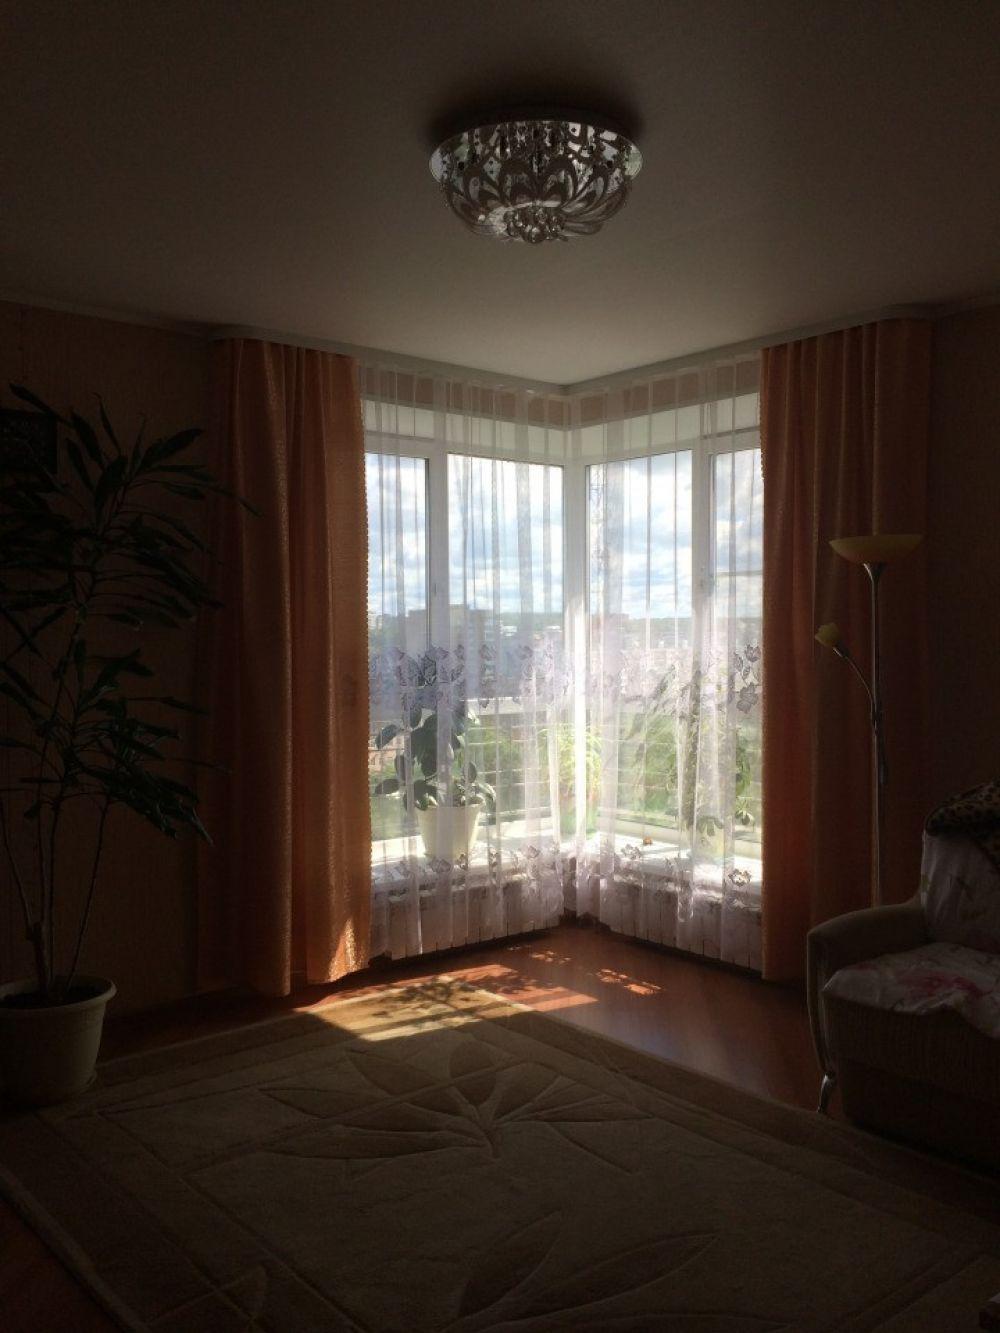 3-к квартира, Щелково, улица Шмидта, 6, фото 8